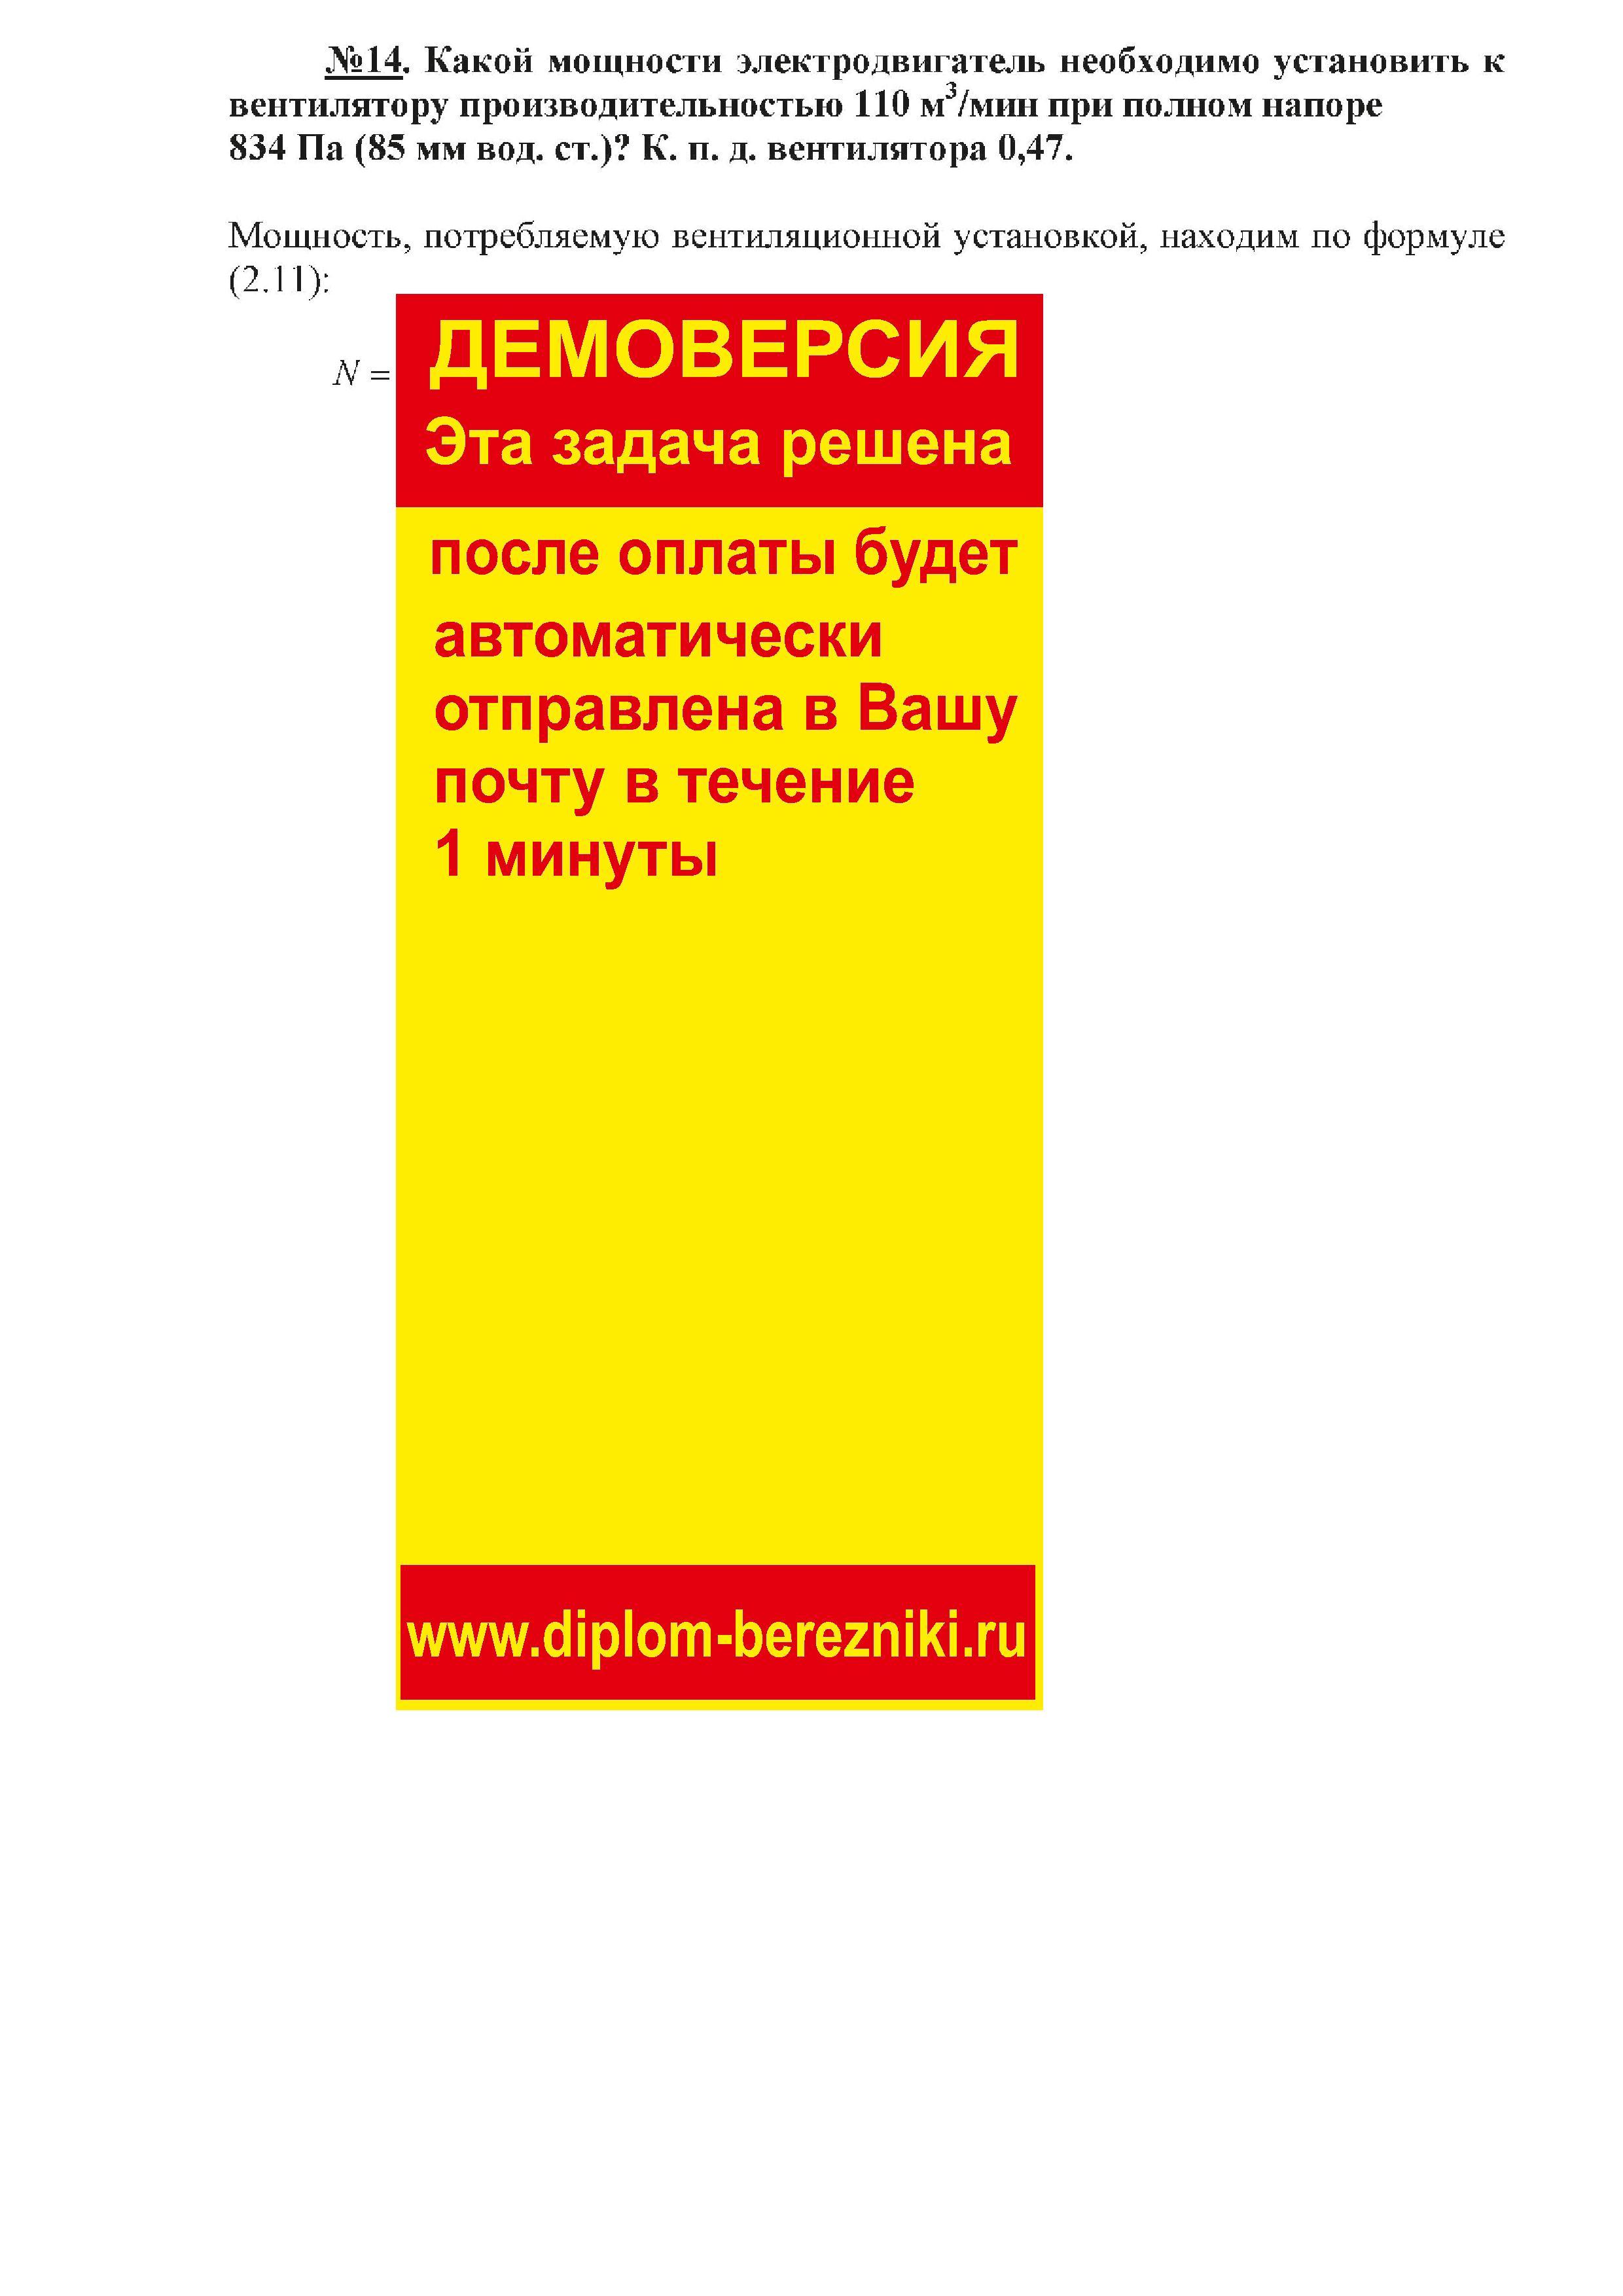 Решение задачи 2.14 по ПАХТ из задачника Павлова Романкова Носкова